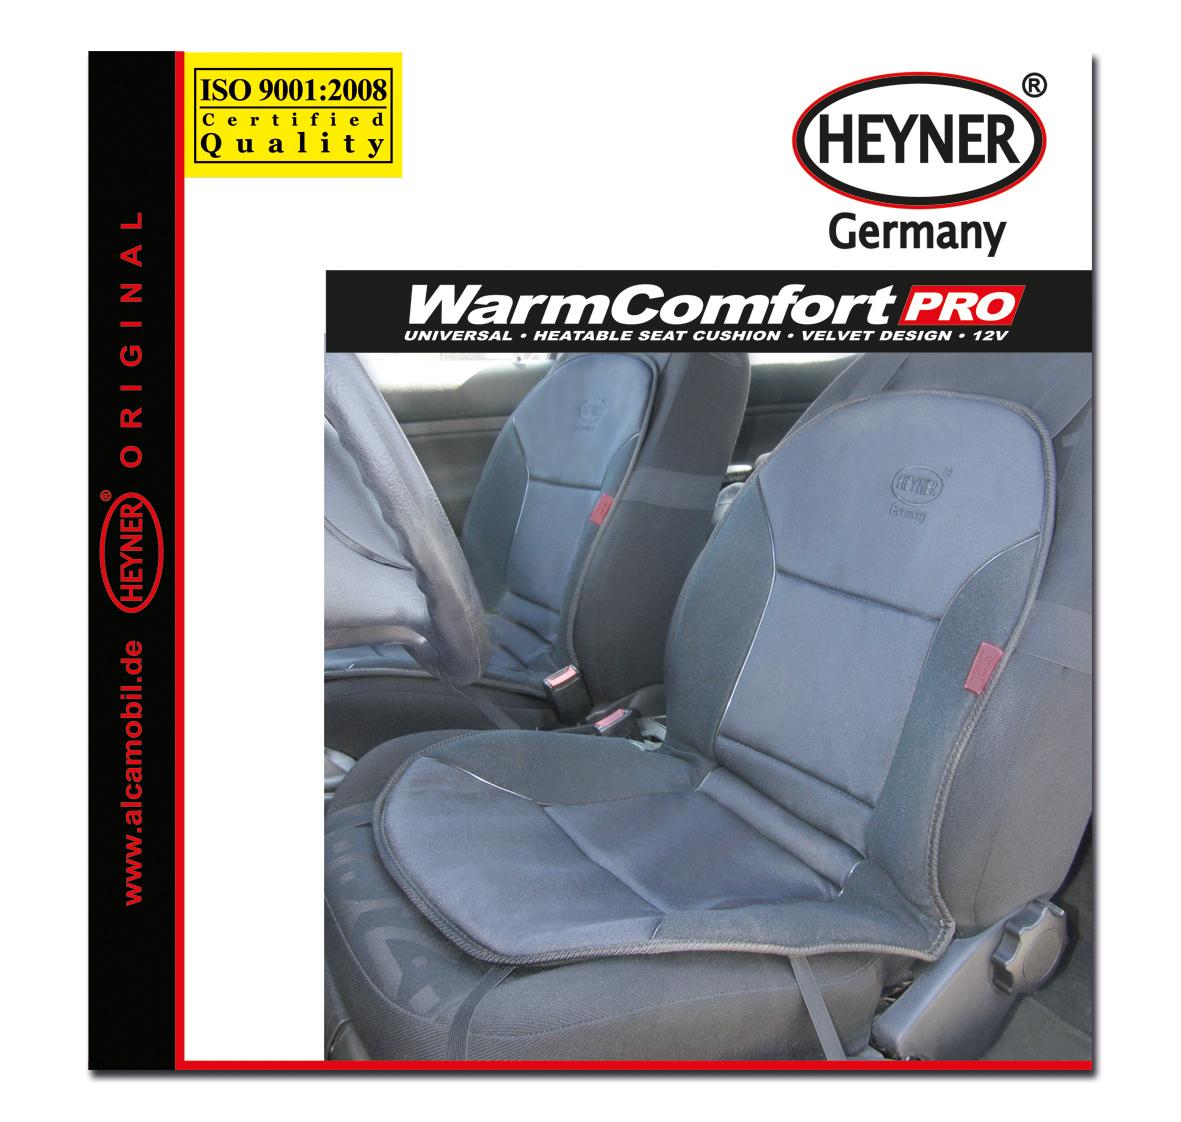 Накидка на сиденье Heyner, с подогревом, цвет: серый, 12VCA-3505Накидка Heyner предназначена для сиденья водителя. Изделие выполнено из прочного материала и снабжено большой поверхностью подогрева. Три режима подогрева обеспечивают комфорт во время эксплуатации. Нагревательные элементы устойчивы к поломке. Накидка снабжена кабелем для подключения к прикуривателю. Защита от перегрева гарантирует долгий срок службы.Напряжение: 12V.